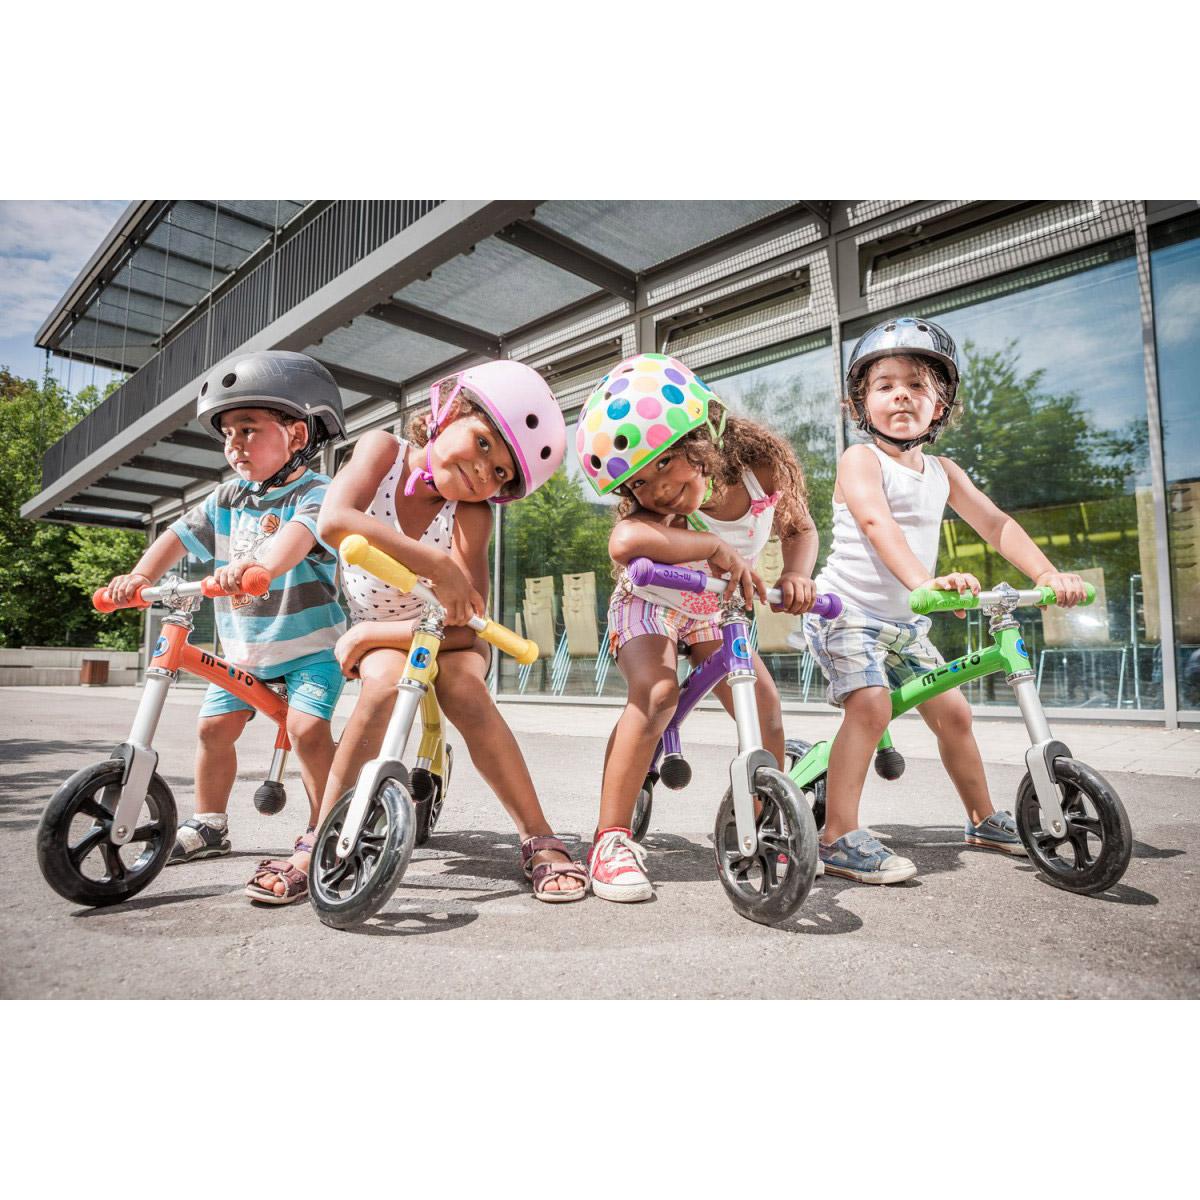 Сбор заказов. Велосипеды M-a-x-x-P-r-o и J-e-t-S-e-t. Хардтейлы. Двухподвесы. Складные. Городские. Самокаты, беговелы, веломобили, педальные машинки, электромобили, электромотоциклы, электромопеды. Для детей и взрослых. От 2900 руб. - 9